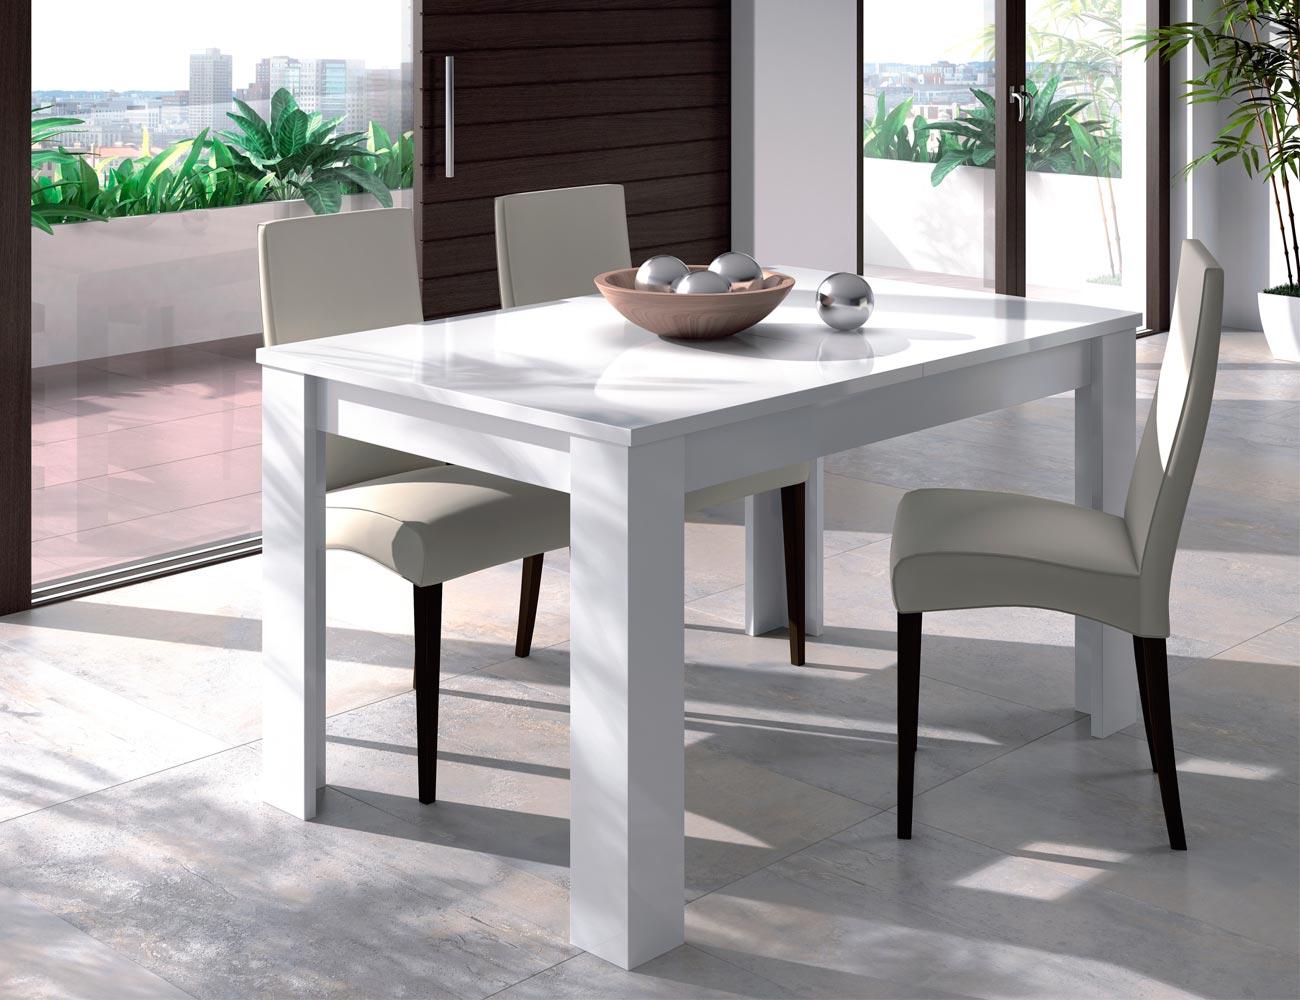 Factory del mueble utrera el mejor precio en muebles y sof factory del mueble utrera - Mesa alta comedor ...